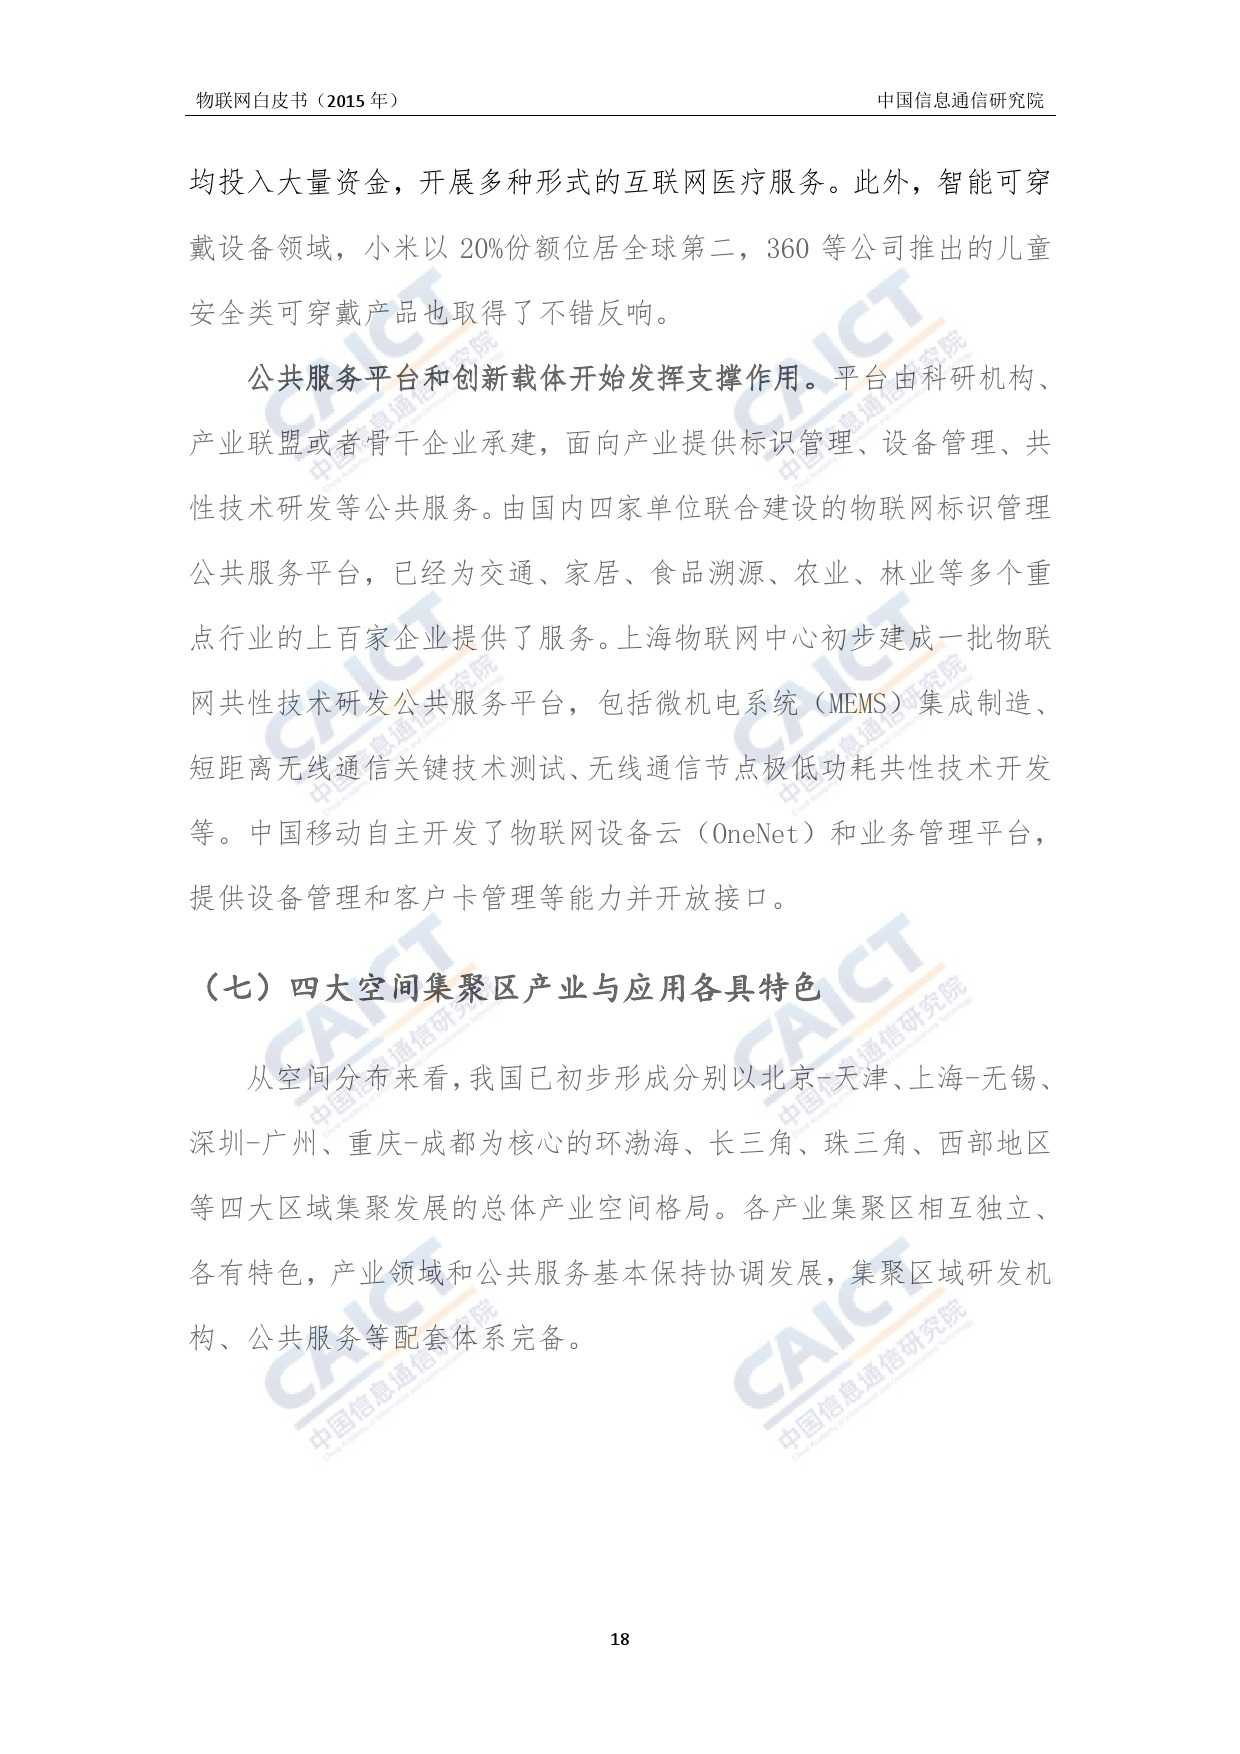 中国信息通信研究院:2015年物联网白皮书_000022